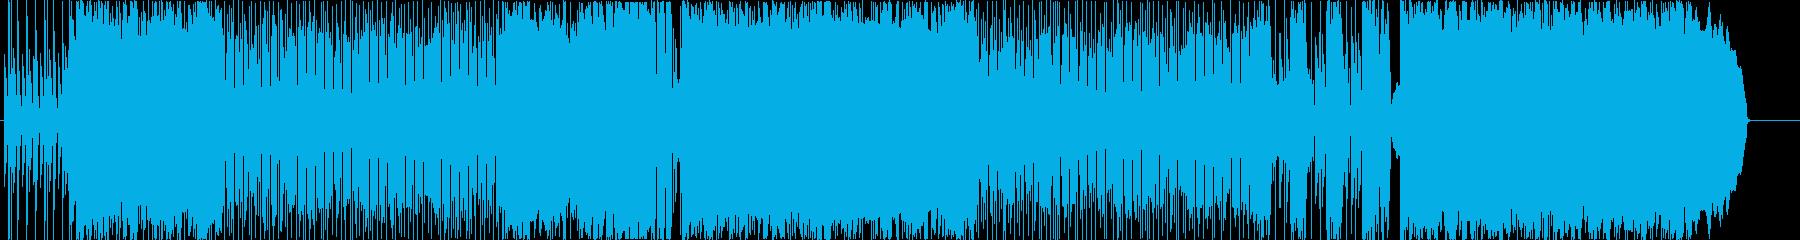 2000年代風ロックの再生済みの波形